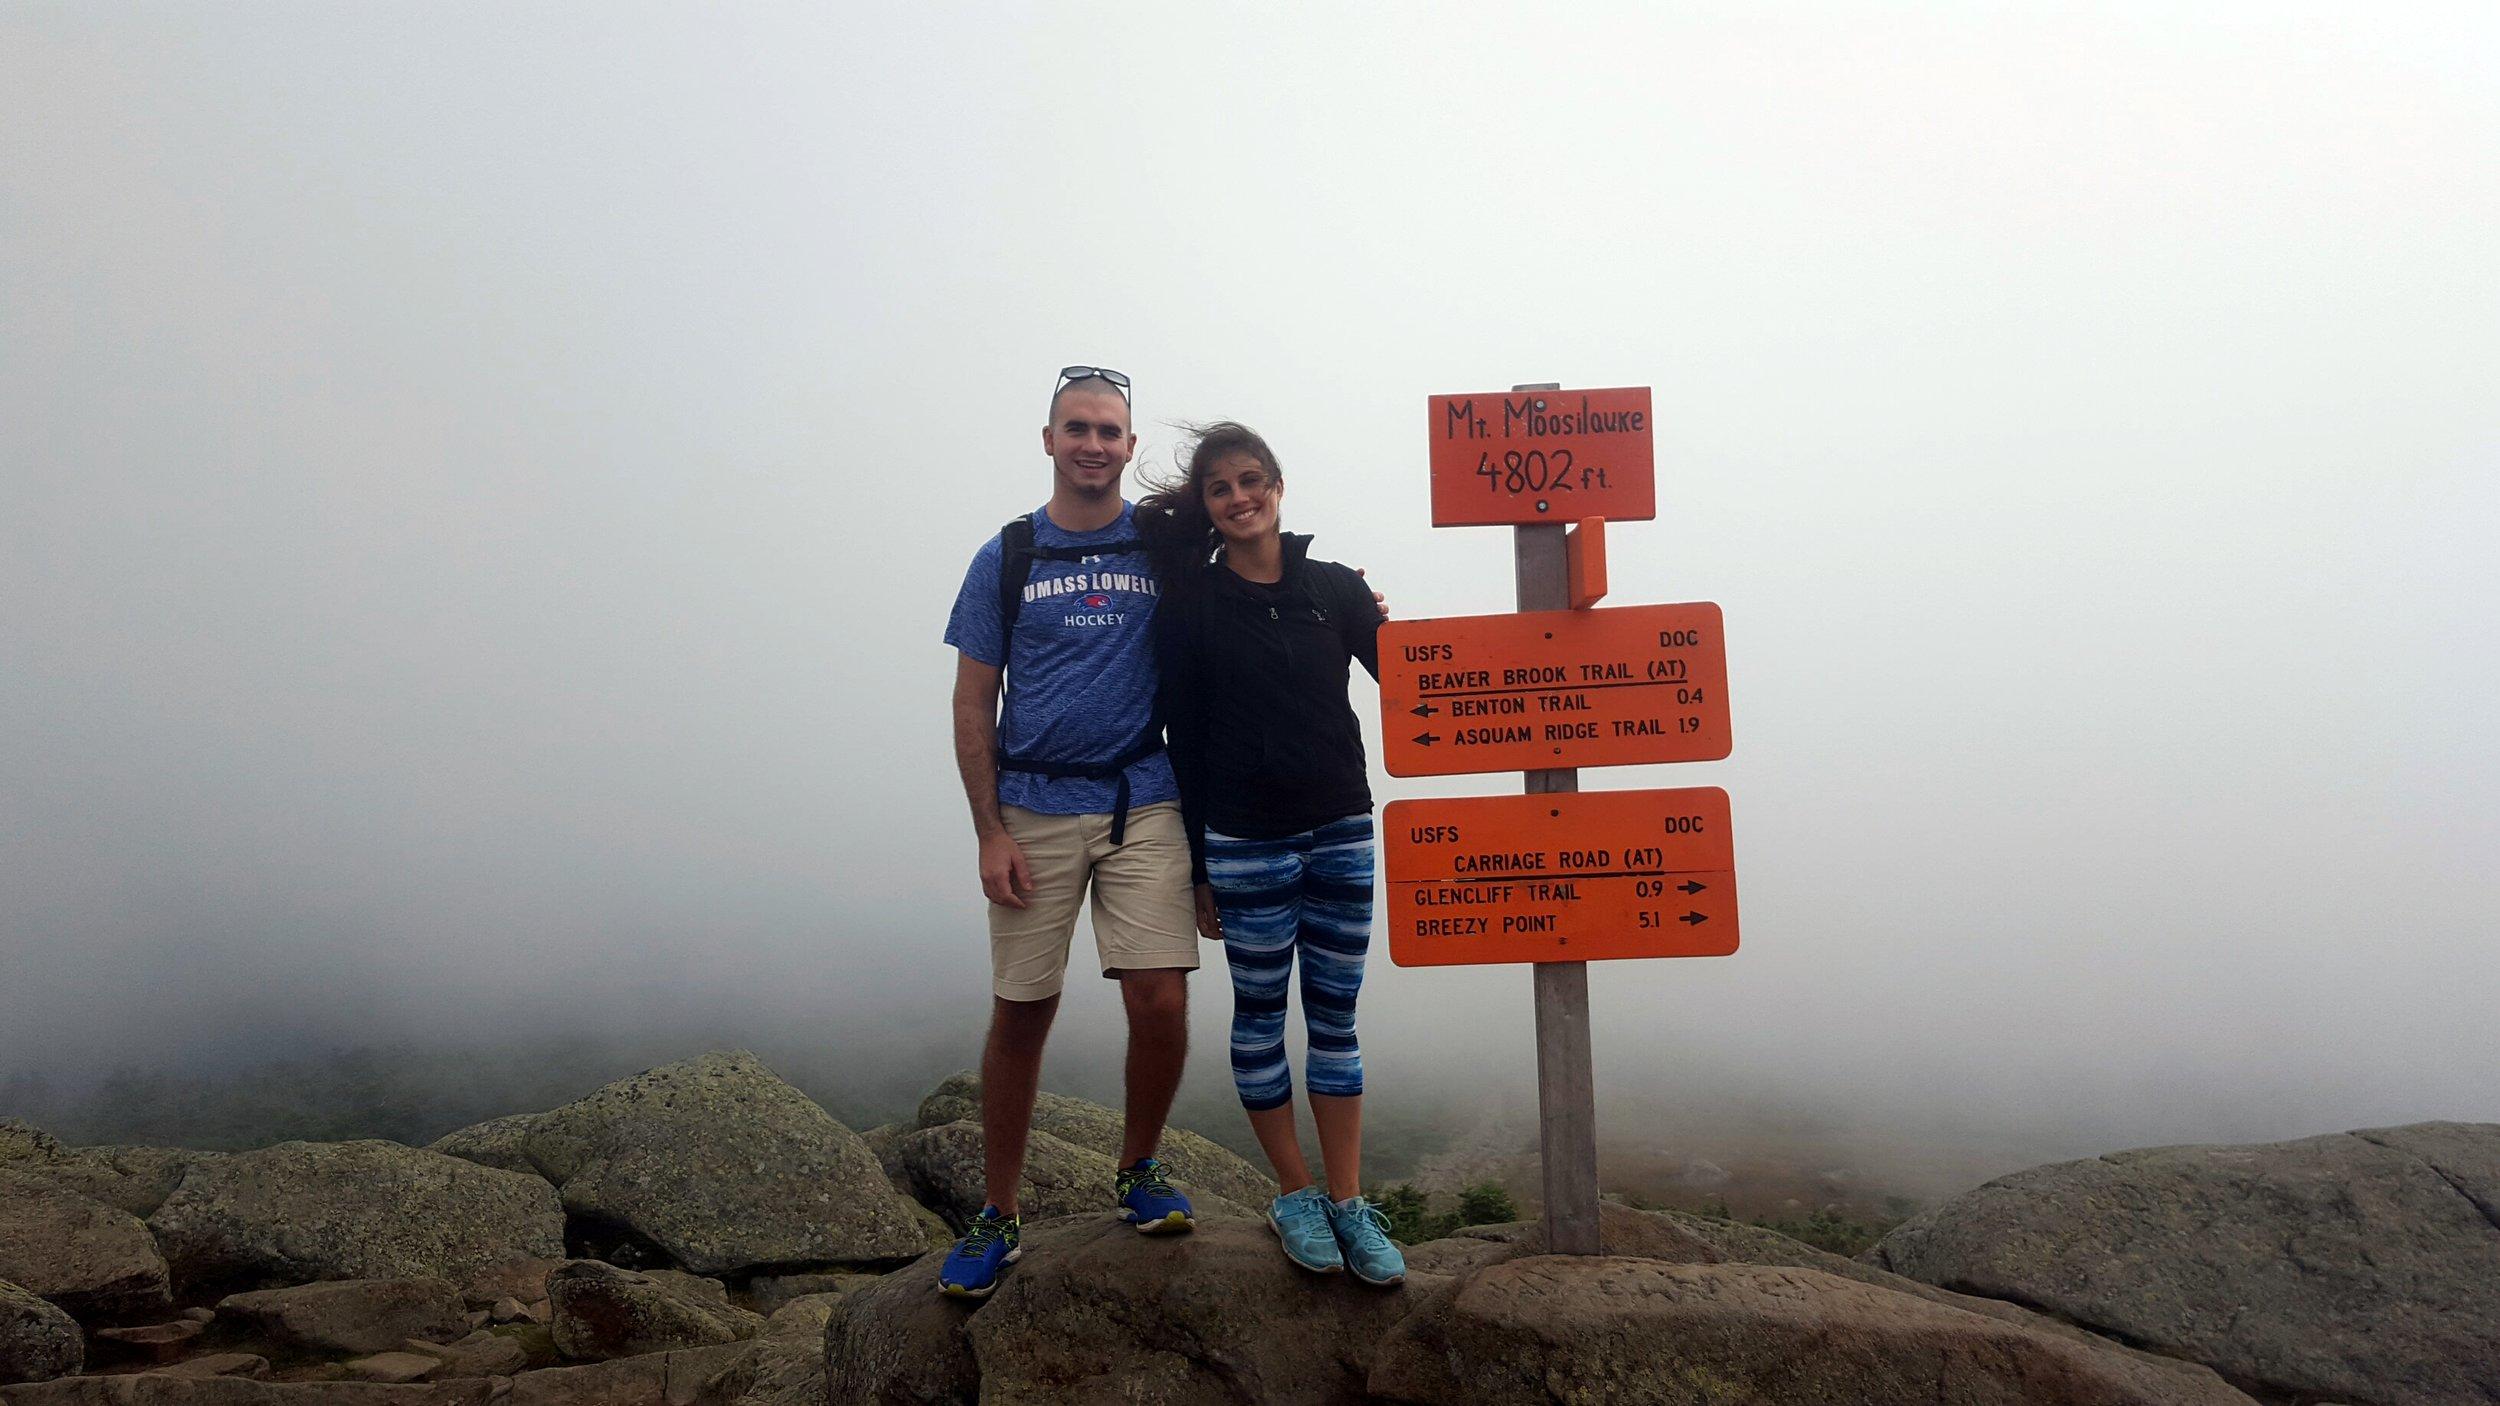 mt. moosilauke summit sign